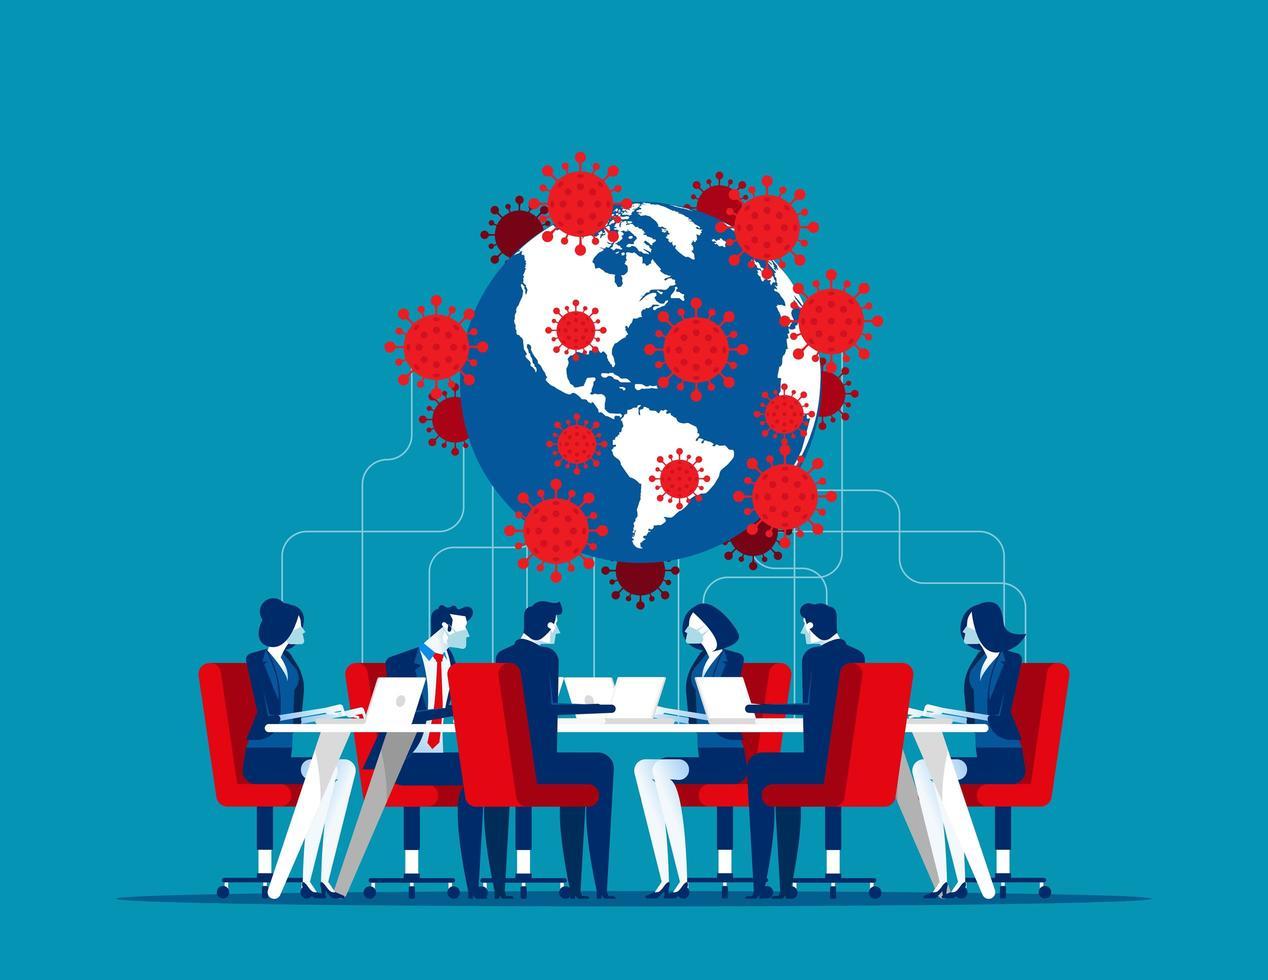 wereldwijde bijeenkomst over covid-19 vector